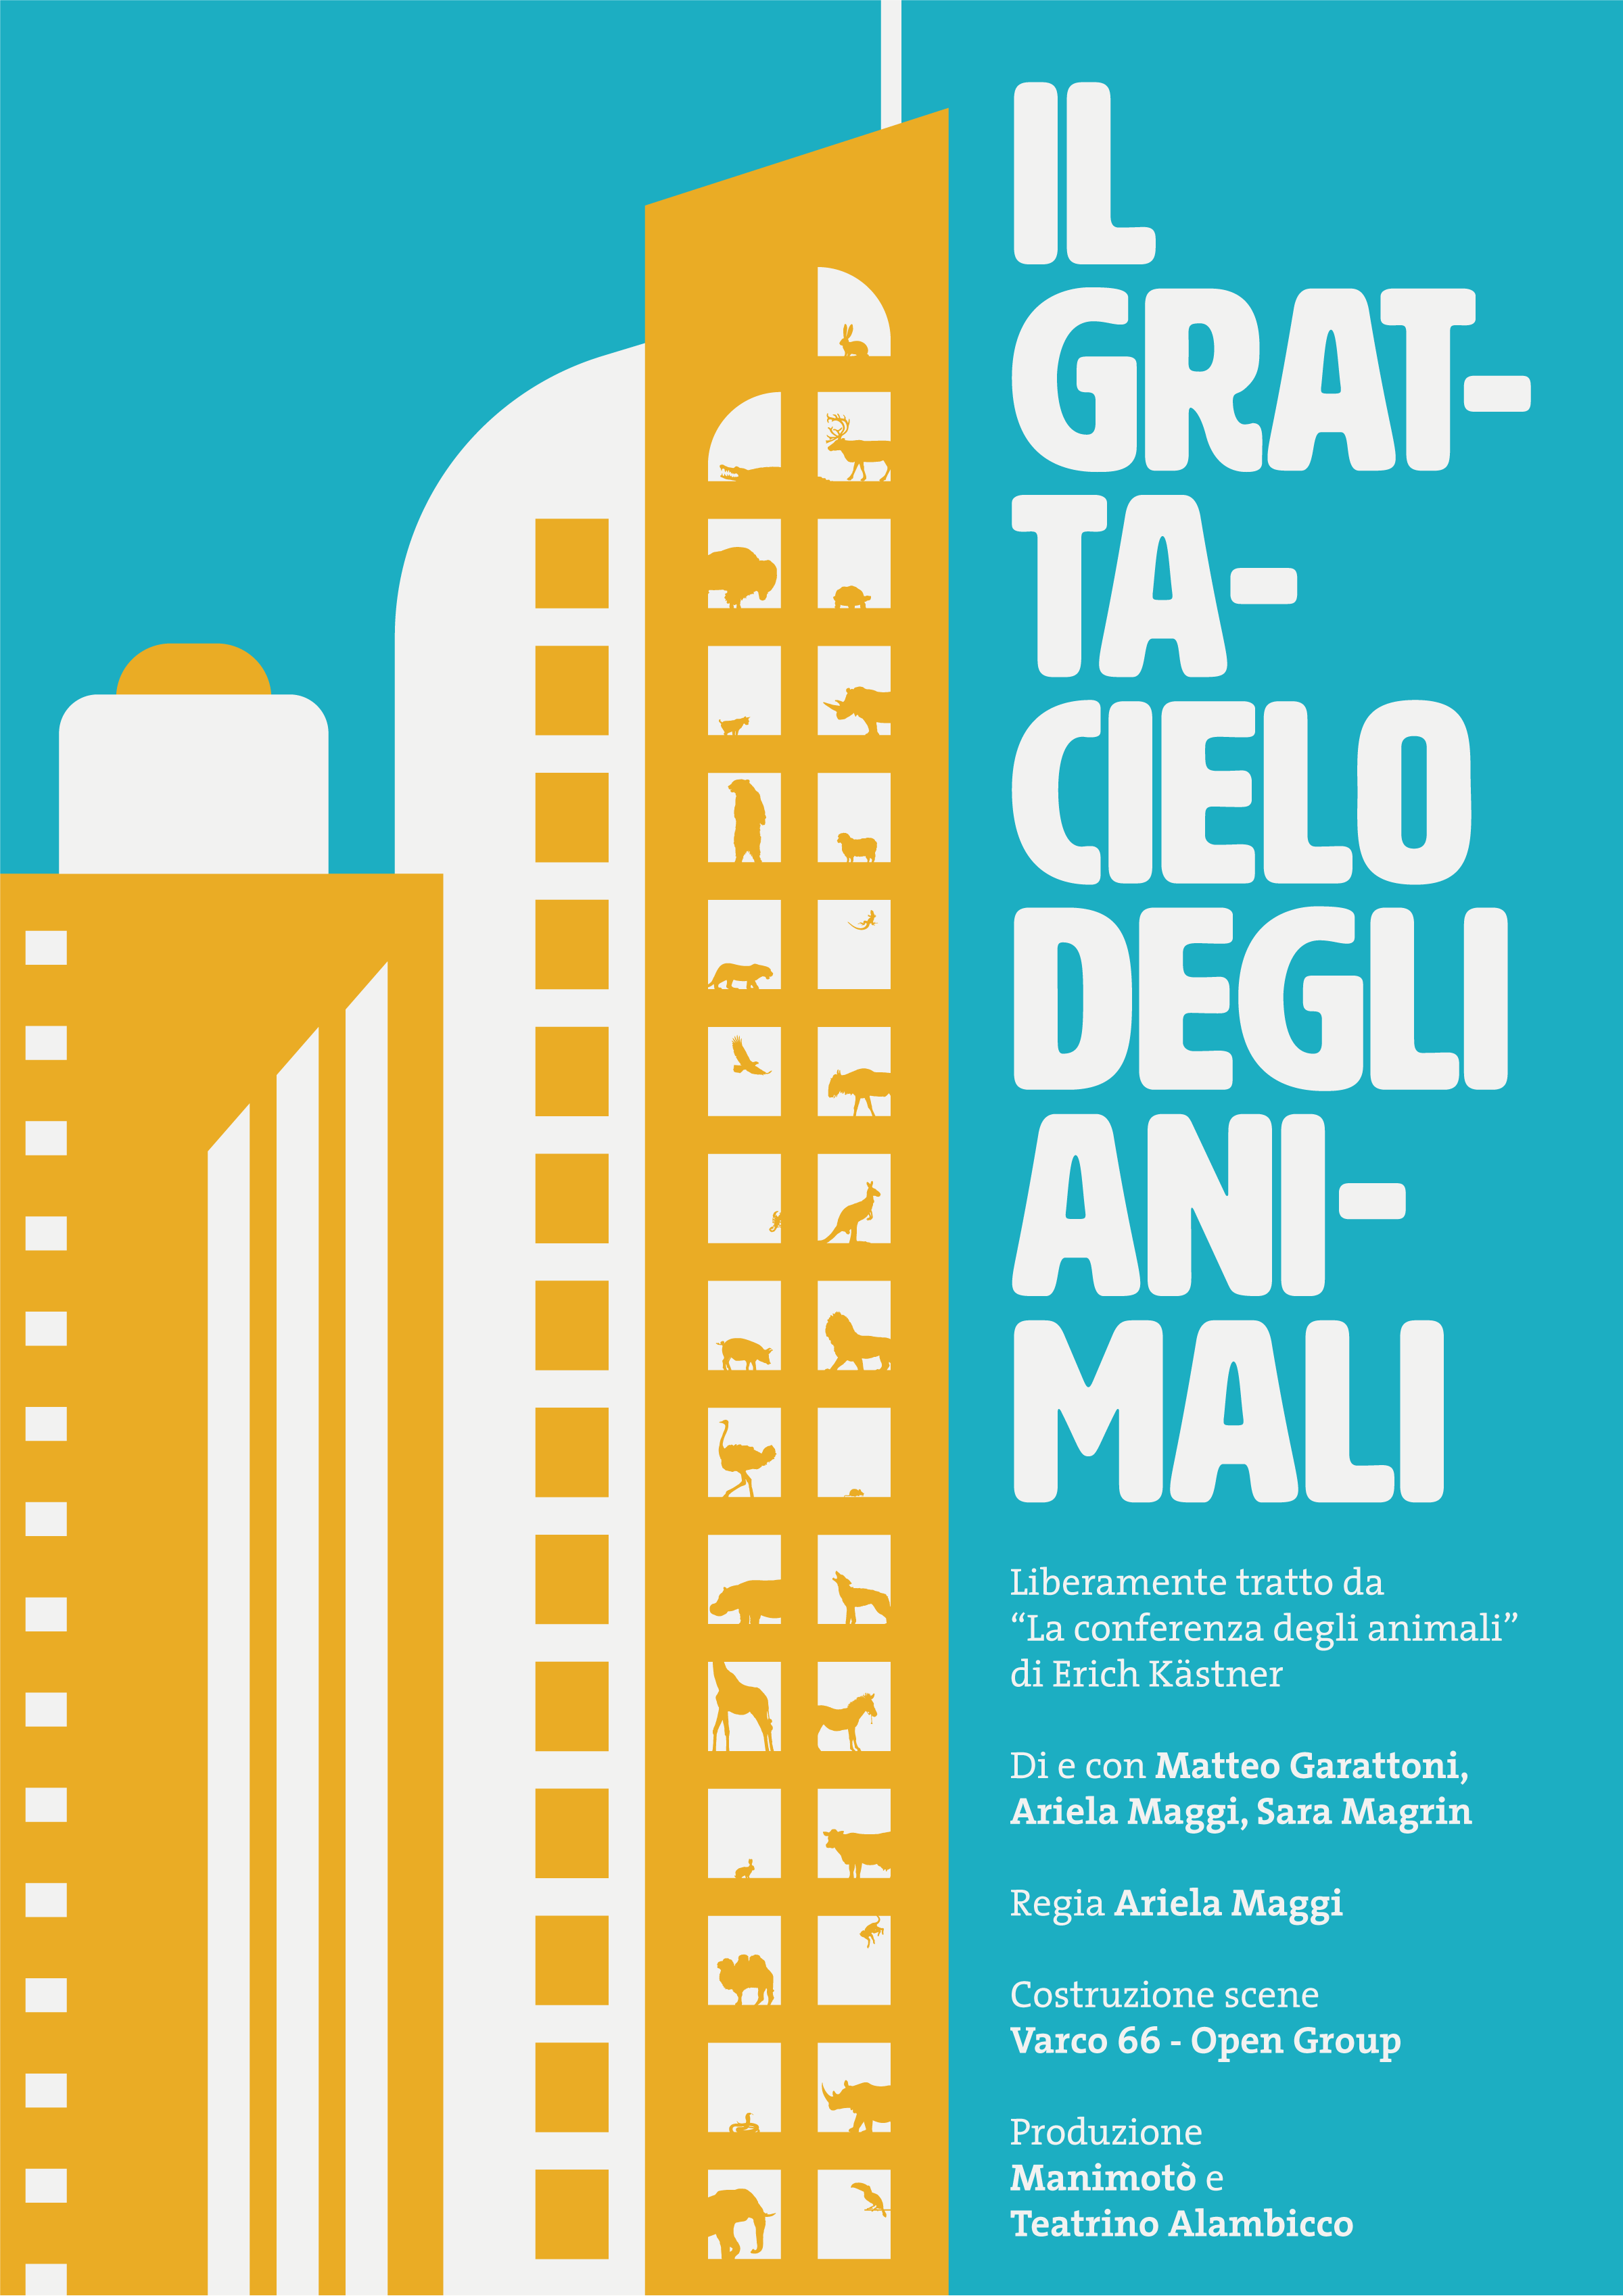 grattacielo-dossier (1)